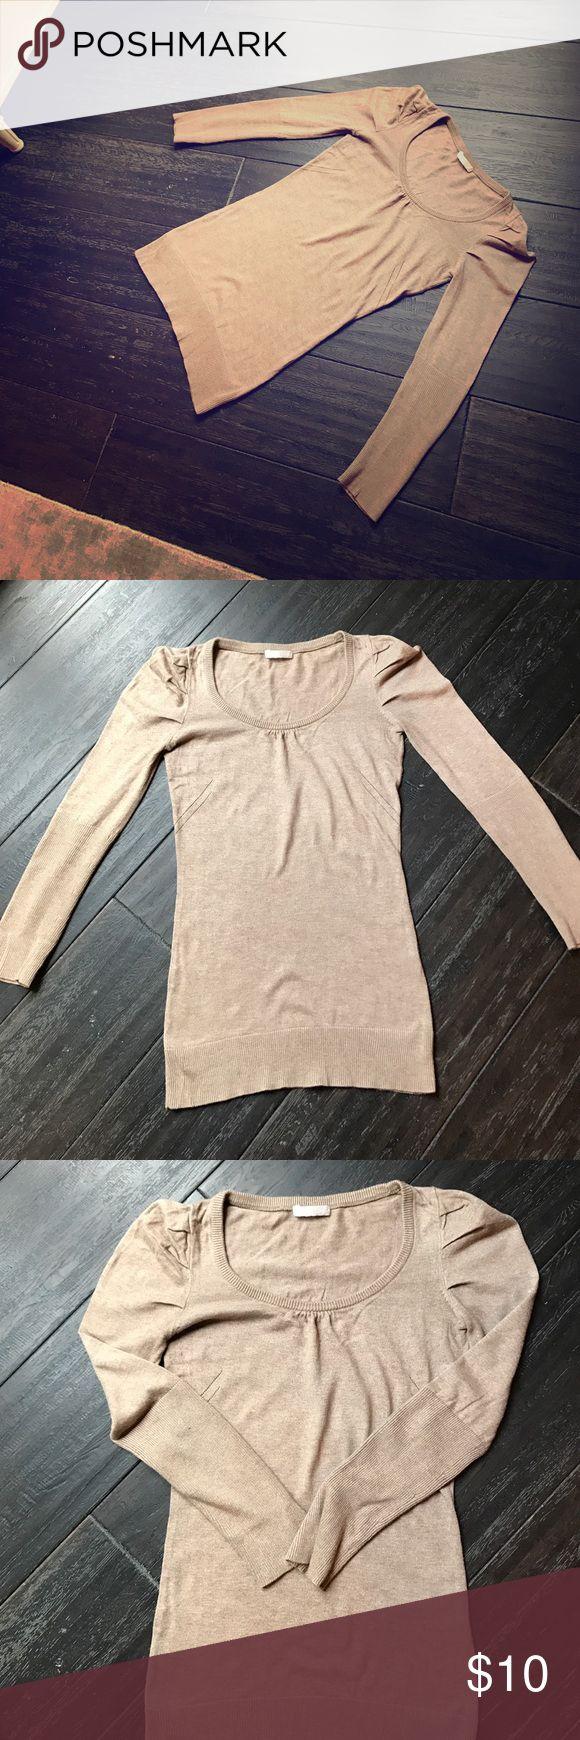 Promod beige sweater Promod Beige sweater. Size small. Sweaters Crew & Scoop Necks